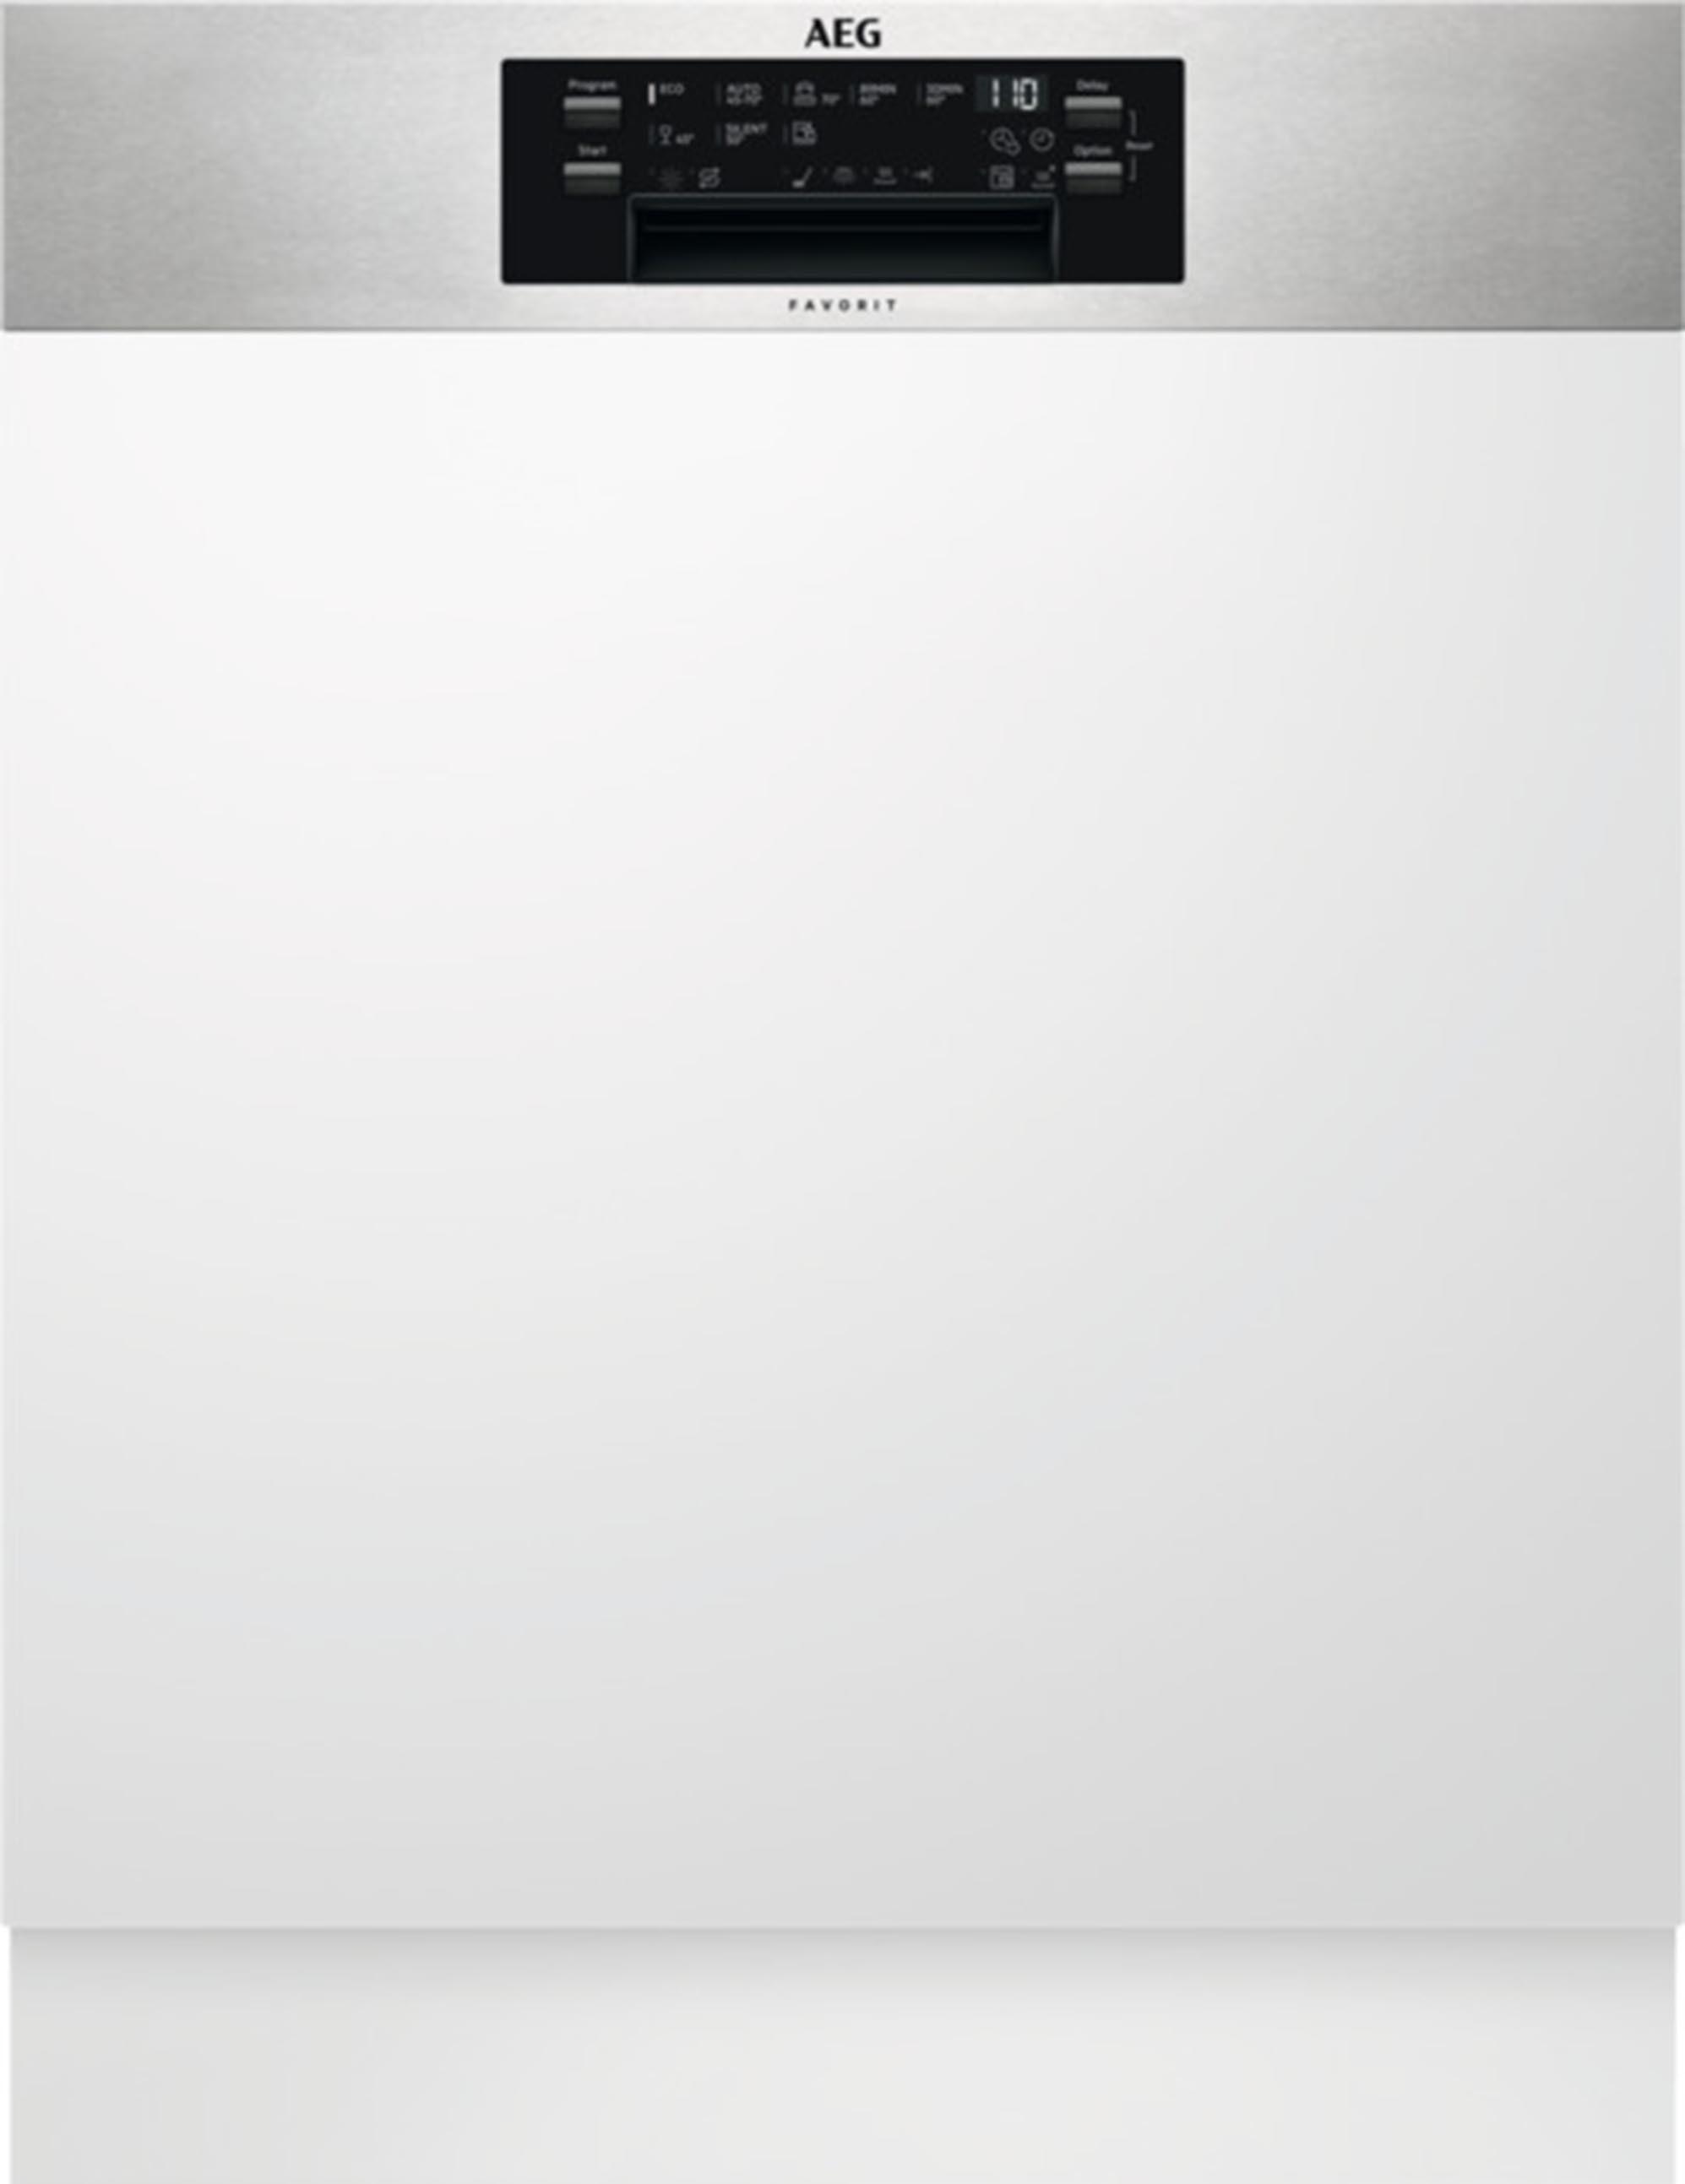 Aeg Fee63716pm Built In Dishwasher Simosviolaris Washing Machine Wiring Diagram